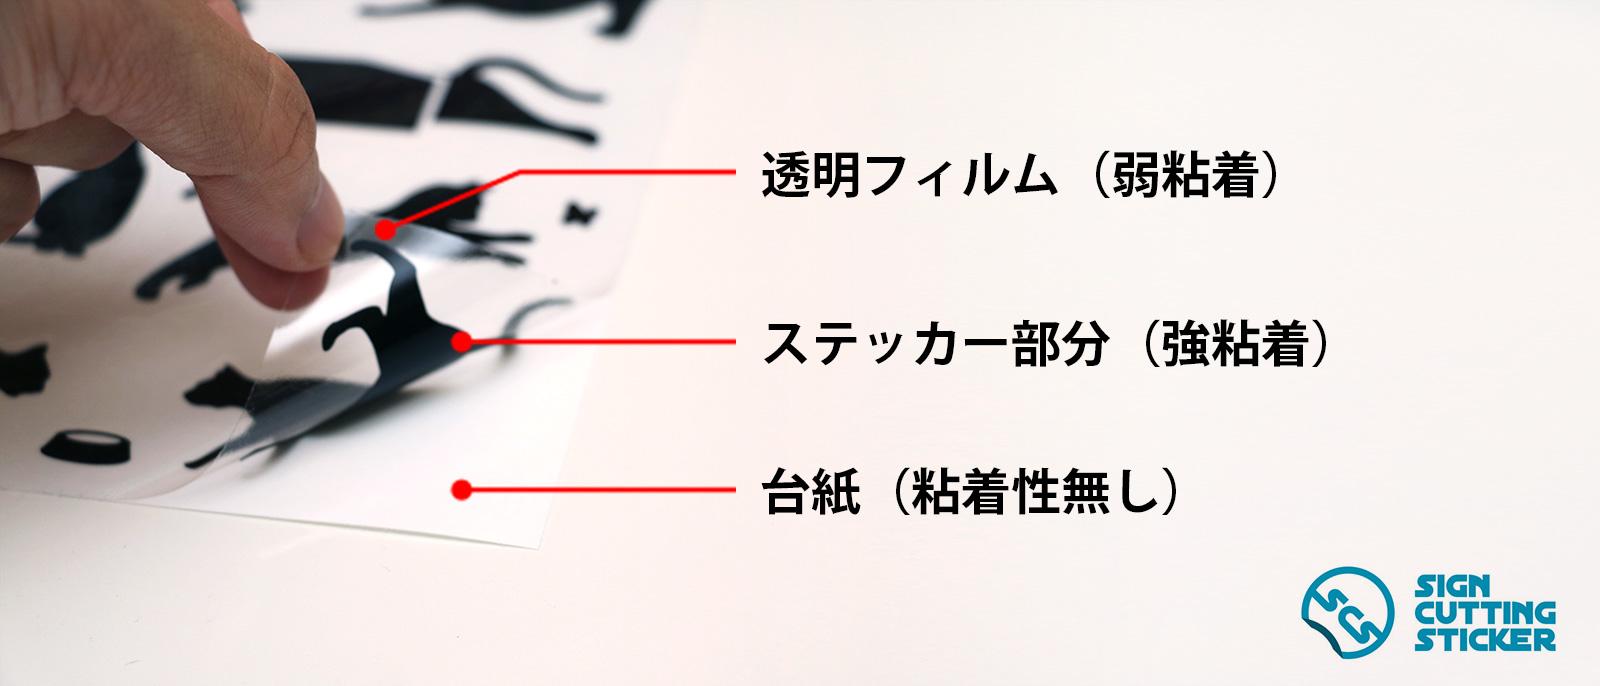 ステッカーの構成